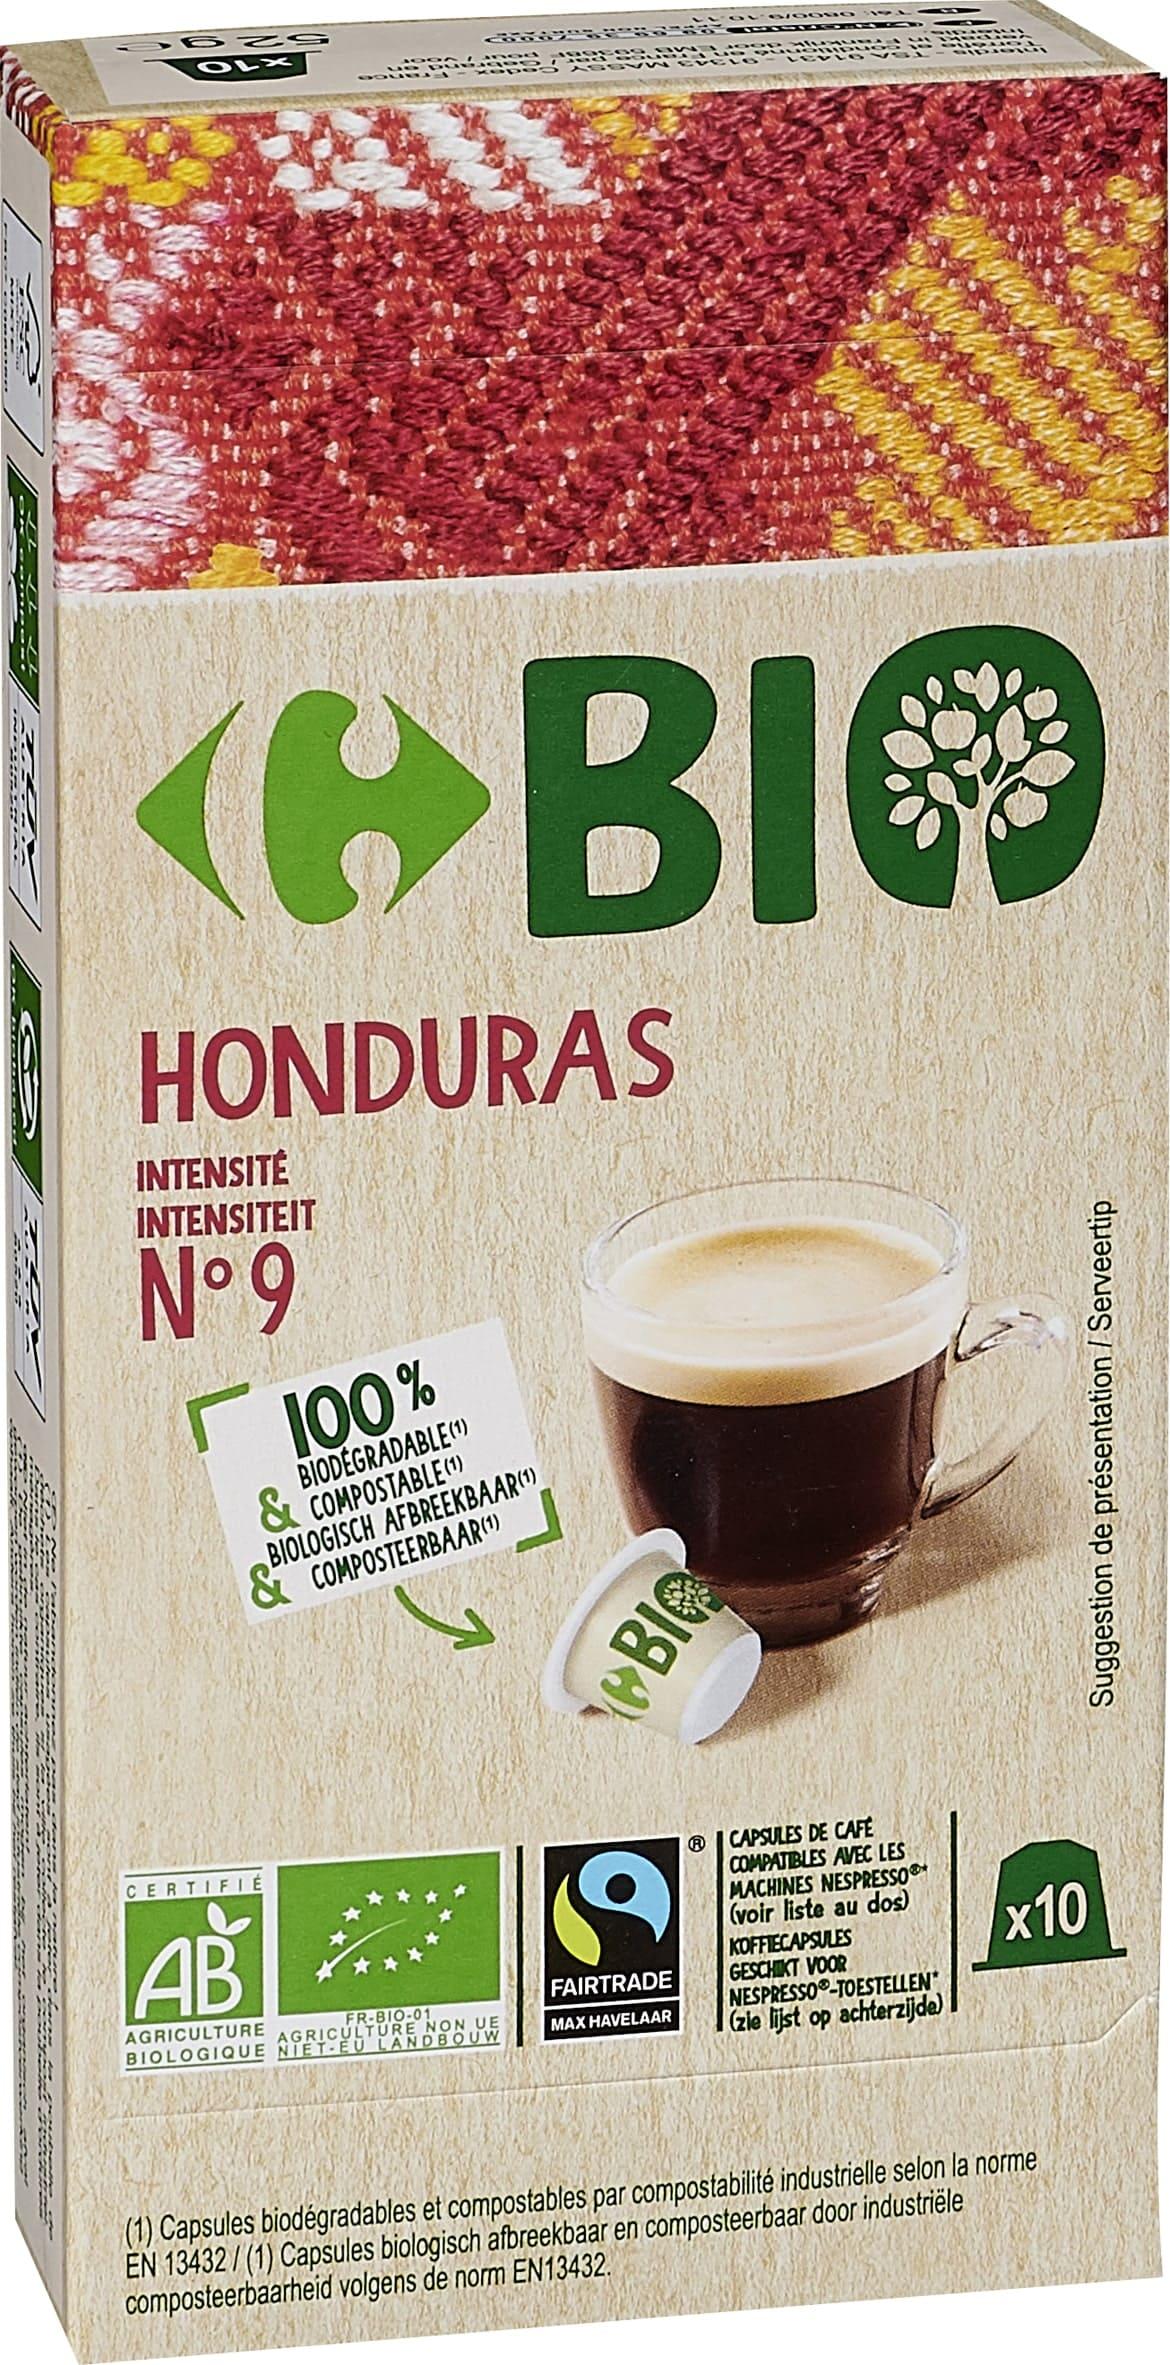 Capsules de cafe type nespresso compostable BIo degradable HONDURAS